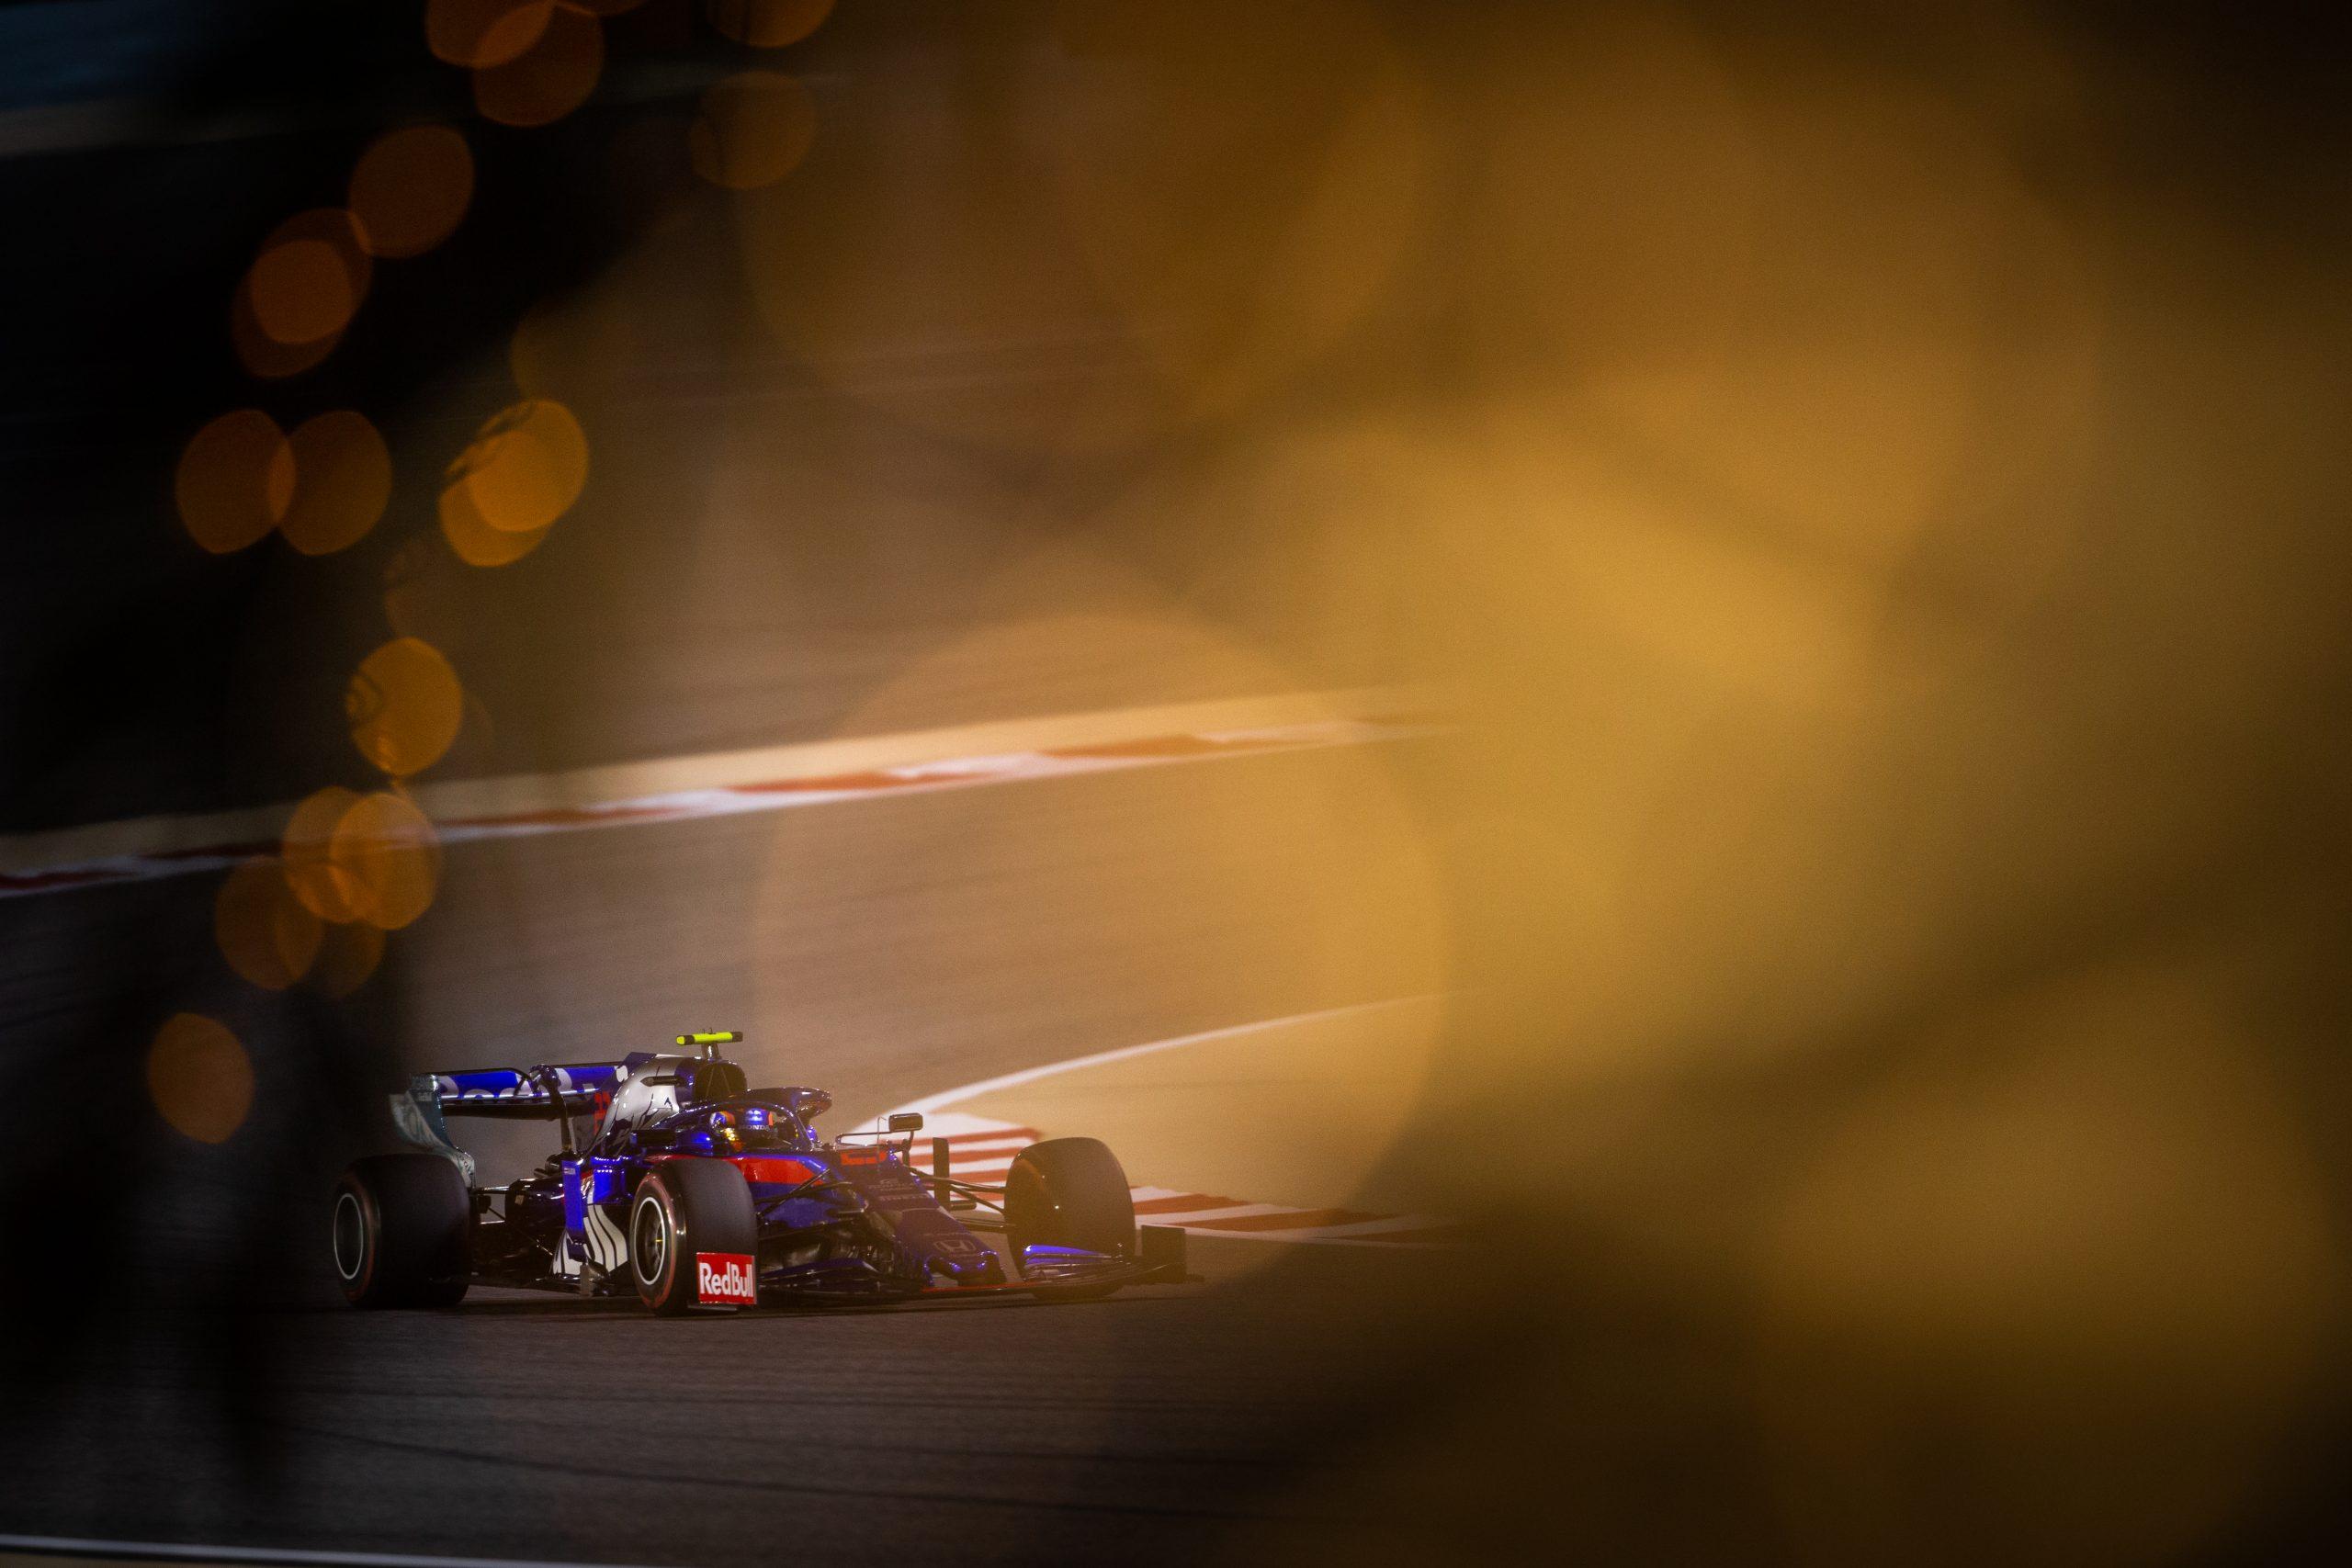 F1 – BAHRAIN GRAND PRIX 2019